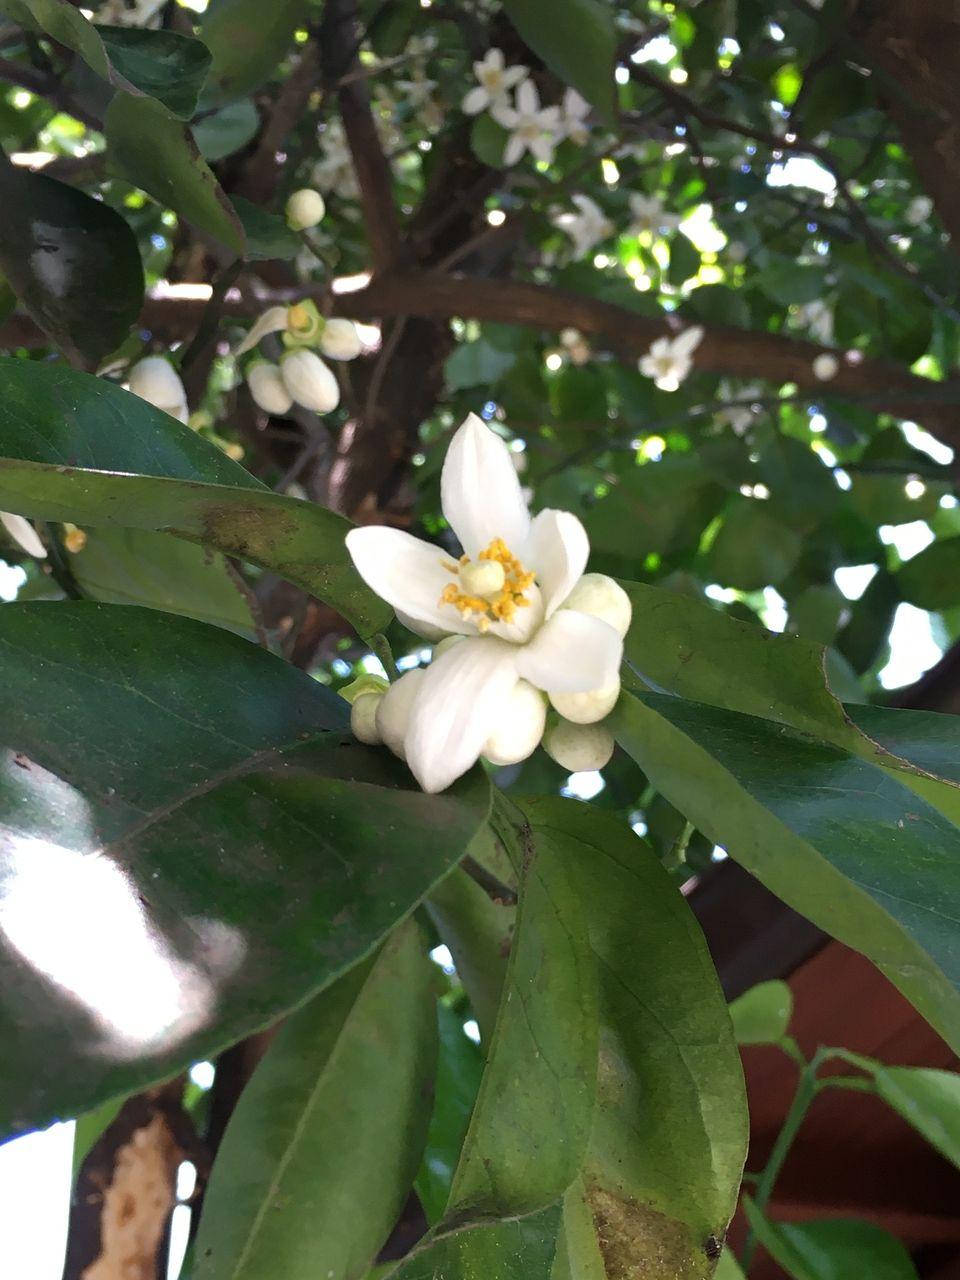 熊本市東区若葉・今年はどの木の花も昨年より早く咲きだしました。